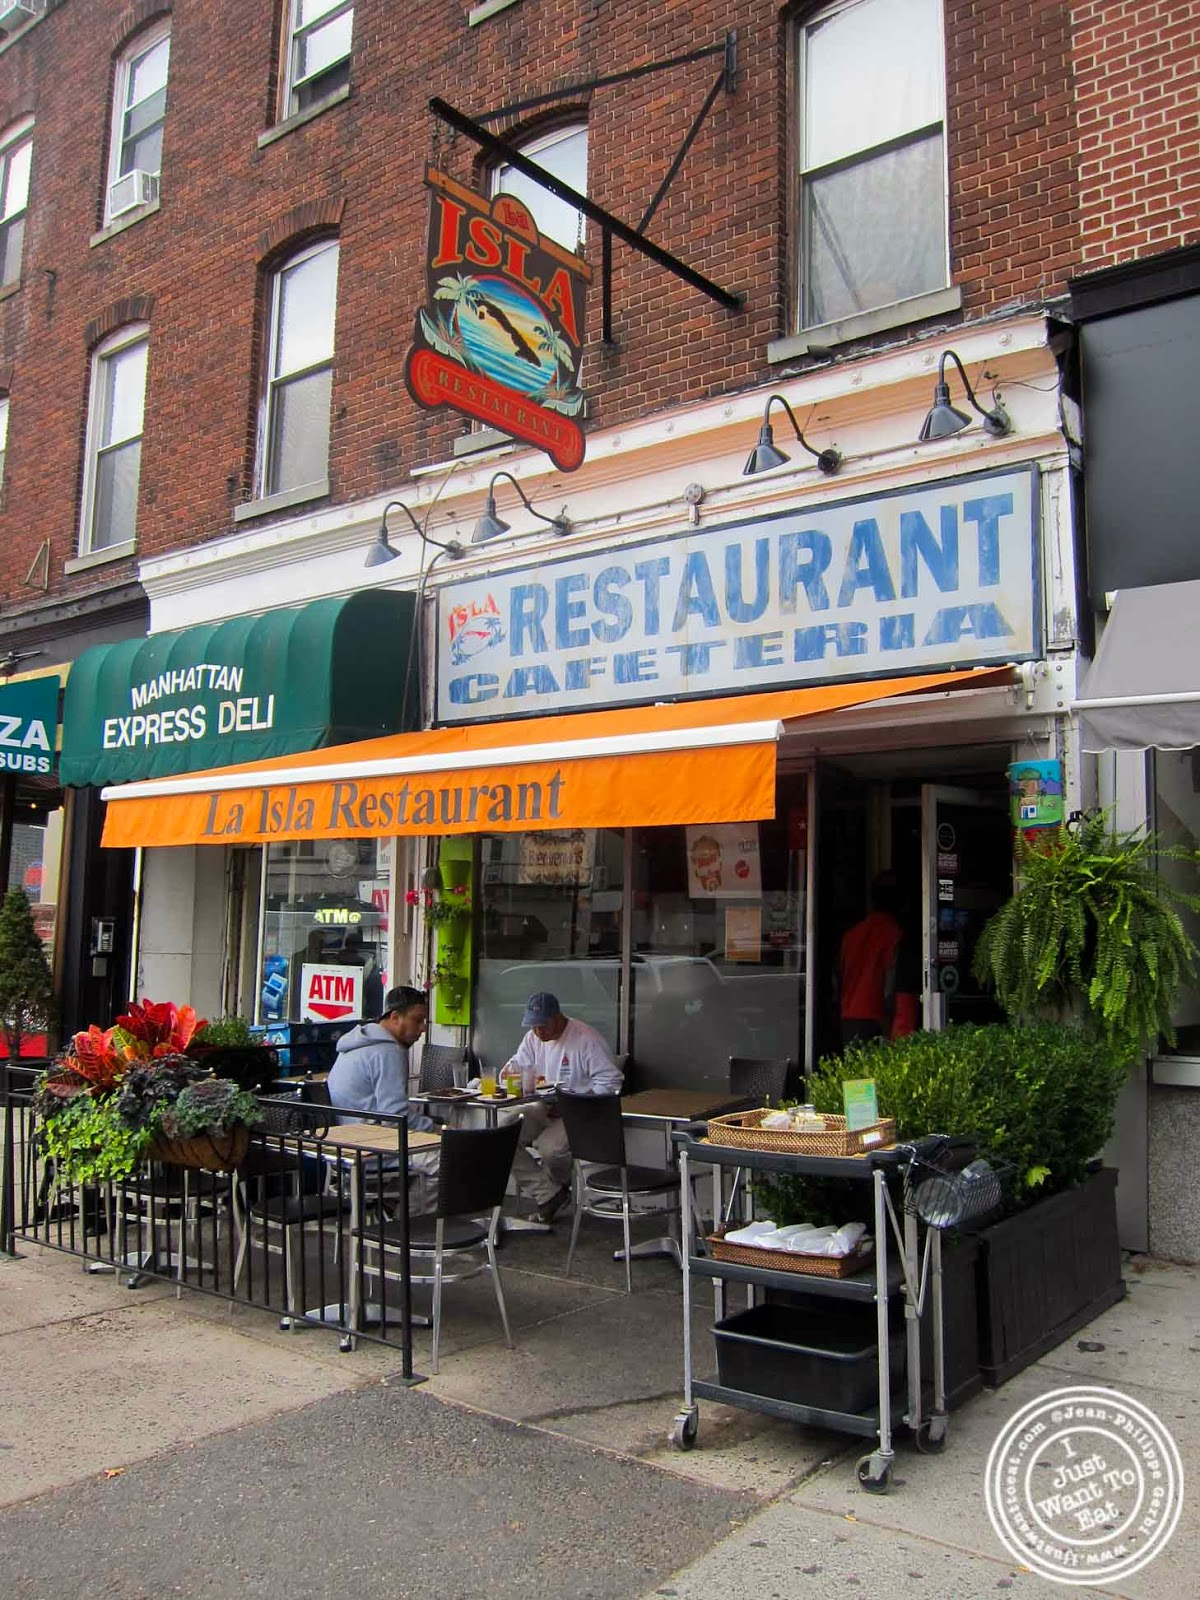 nephew culinary visit day 6 cuban cuisine at la isla in hoboken nj